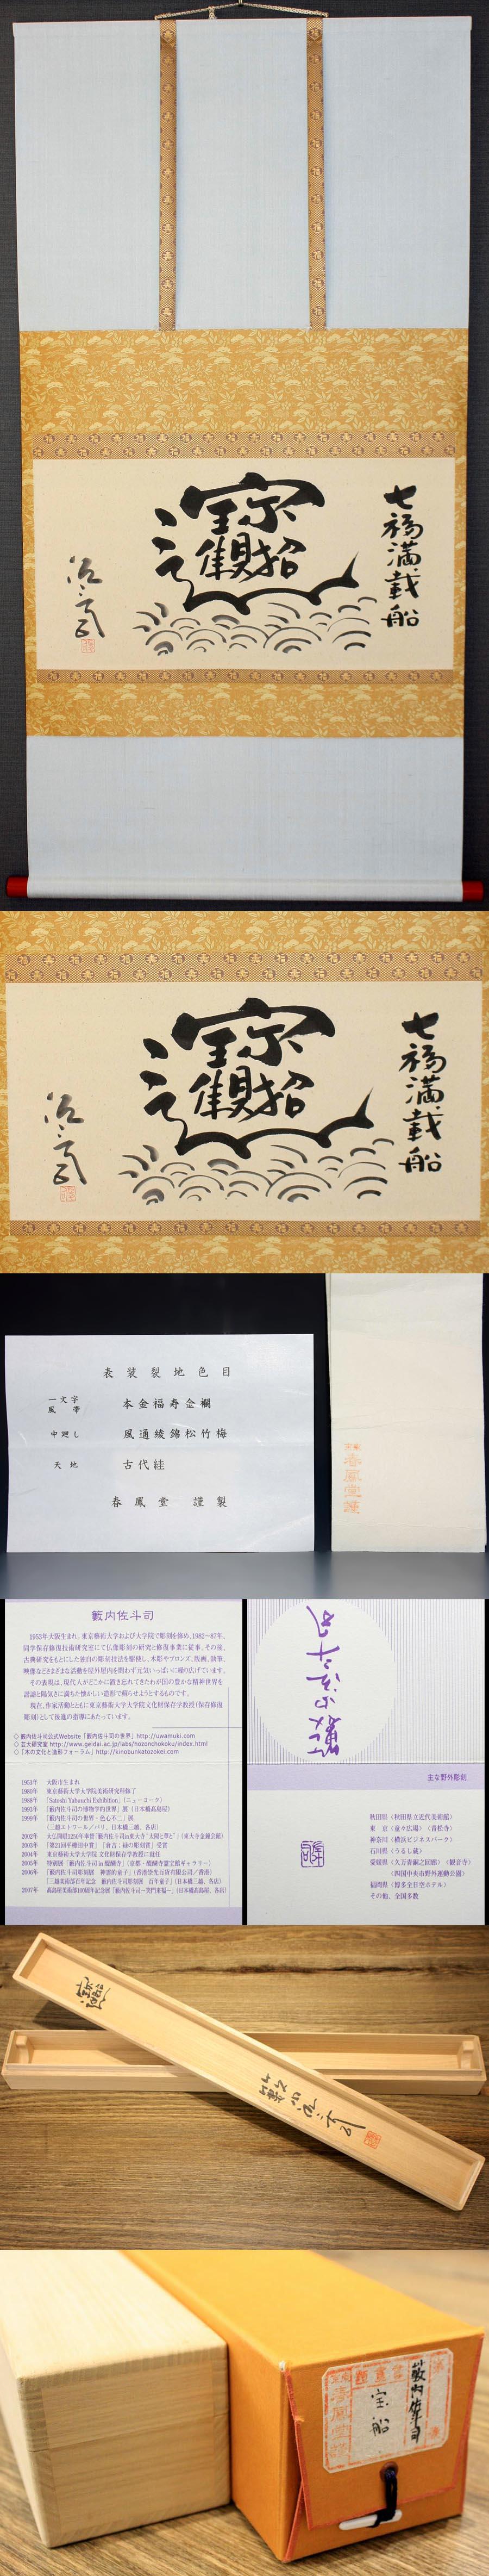 【骨董】【籔内佐斗司】 七福満載船 宝船 春鳳堂  謹製の詳細